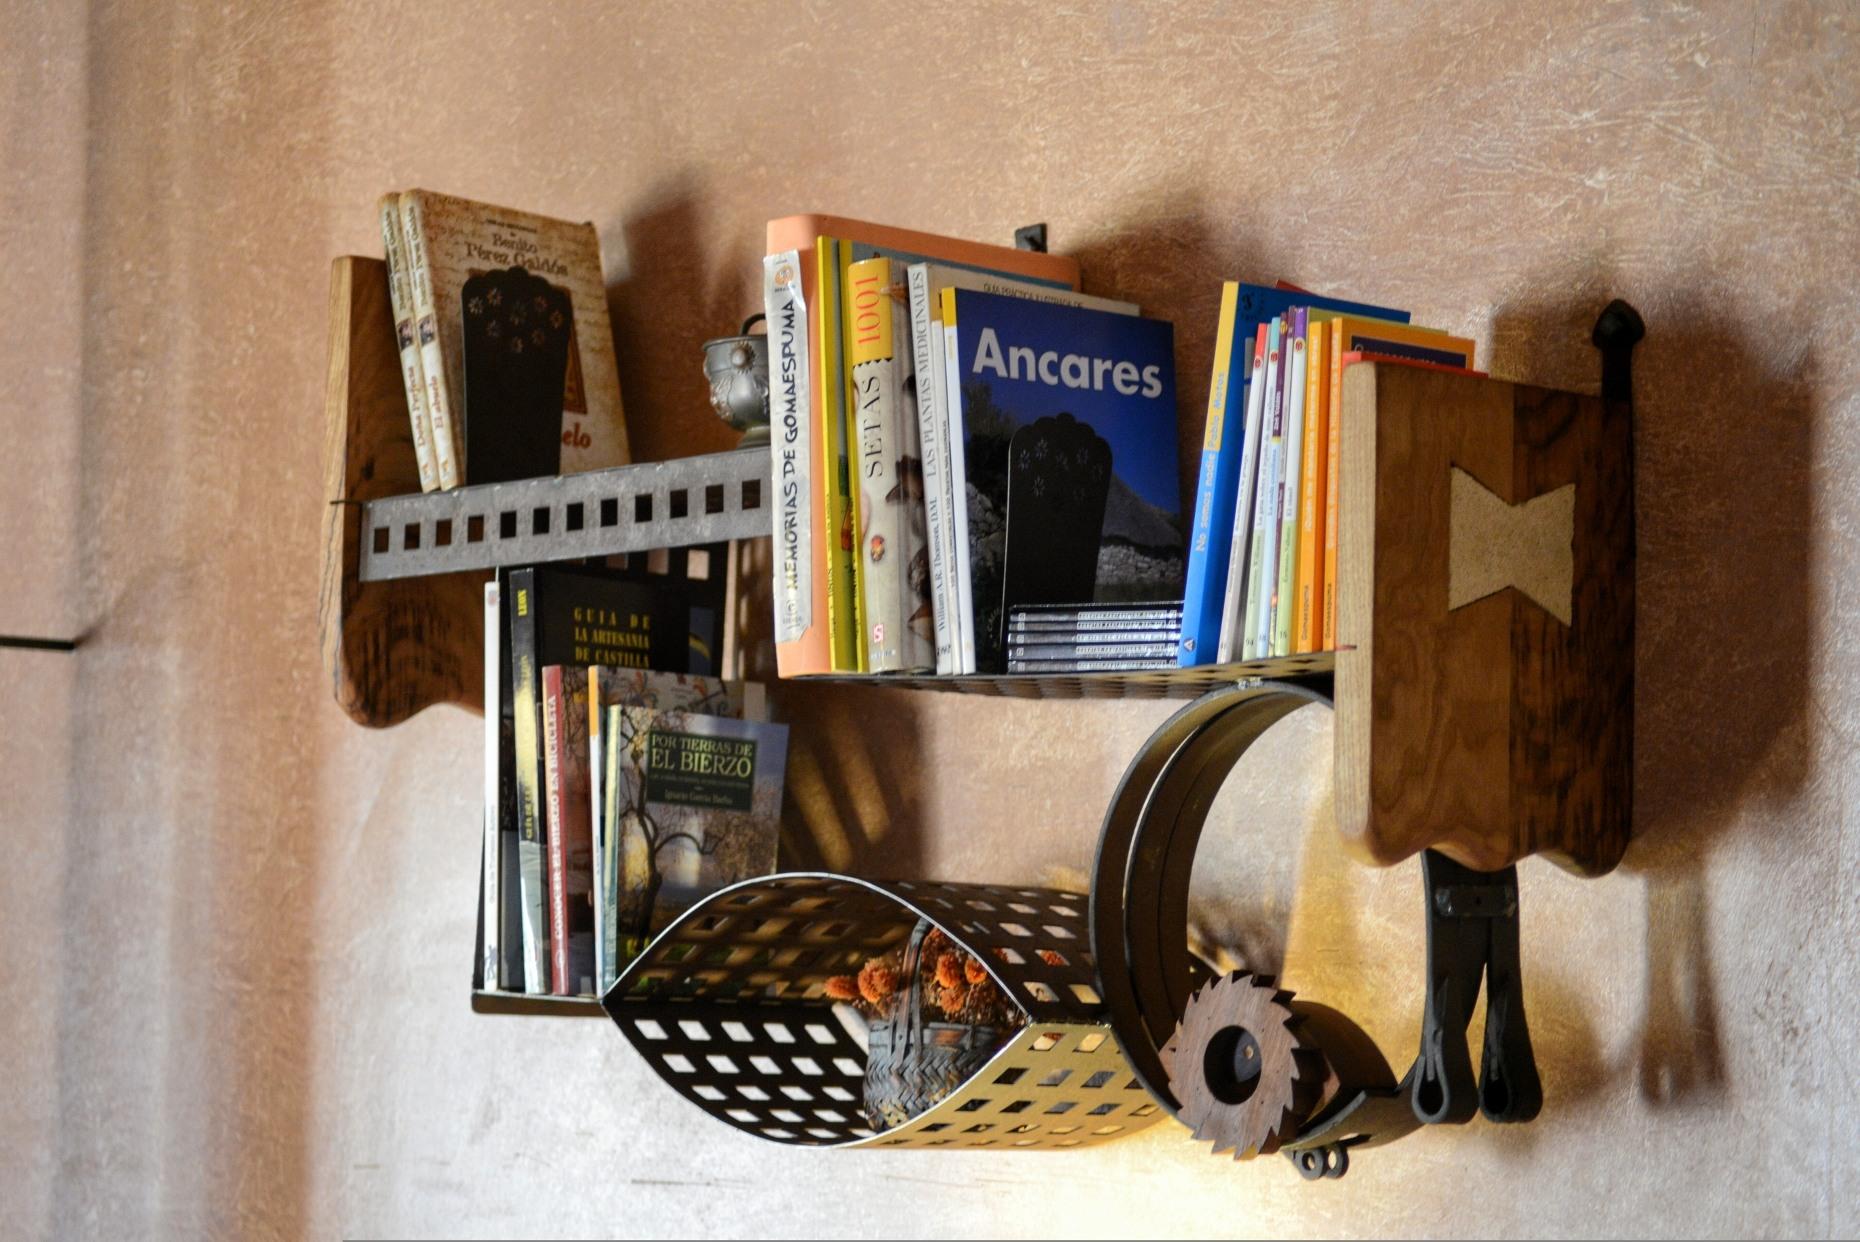 Casa rural El Encanto - El Mayulon - Estanteria libreria con lectura sobre el Bierzo y otra tematica variada